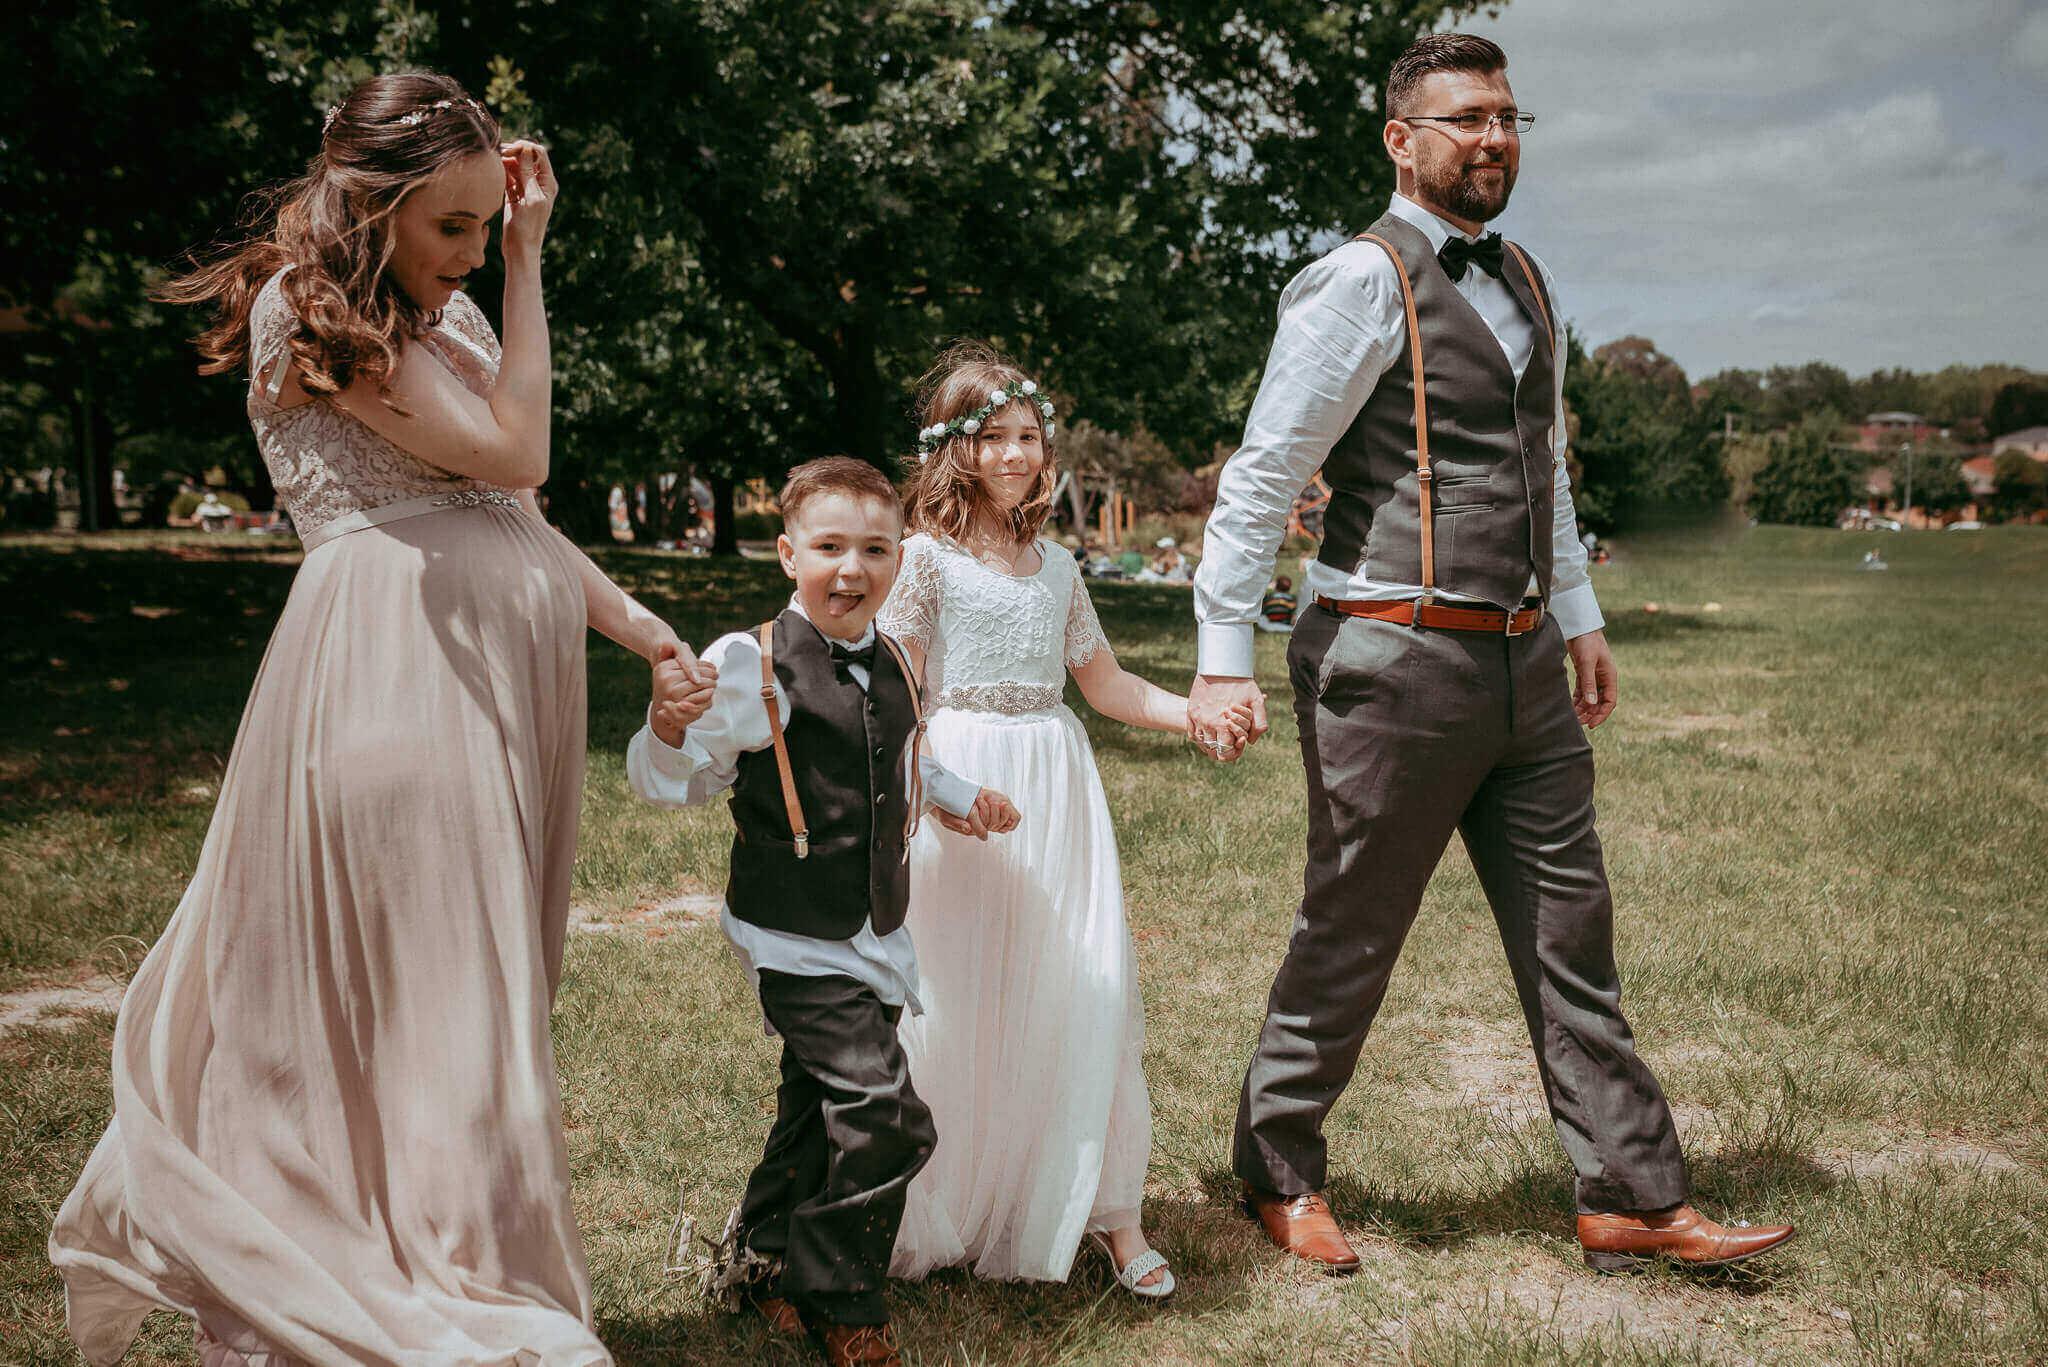 The Sweetest Wedding Ceremony